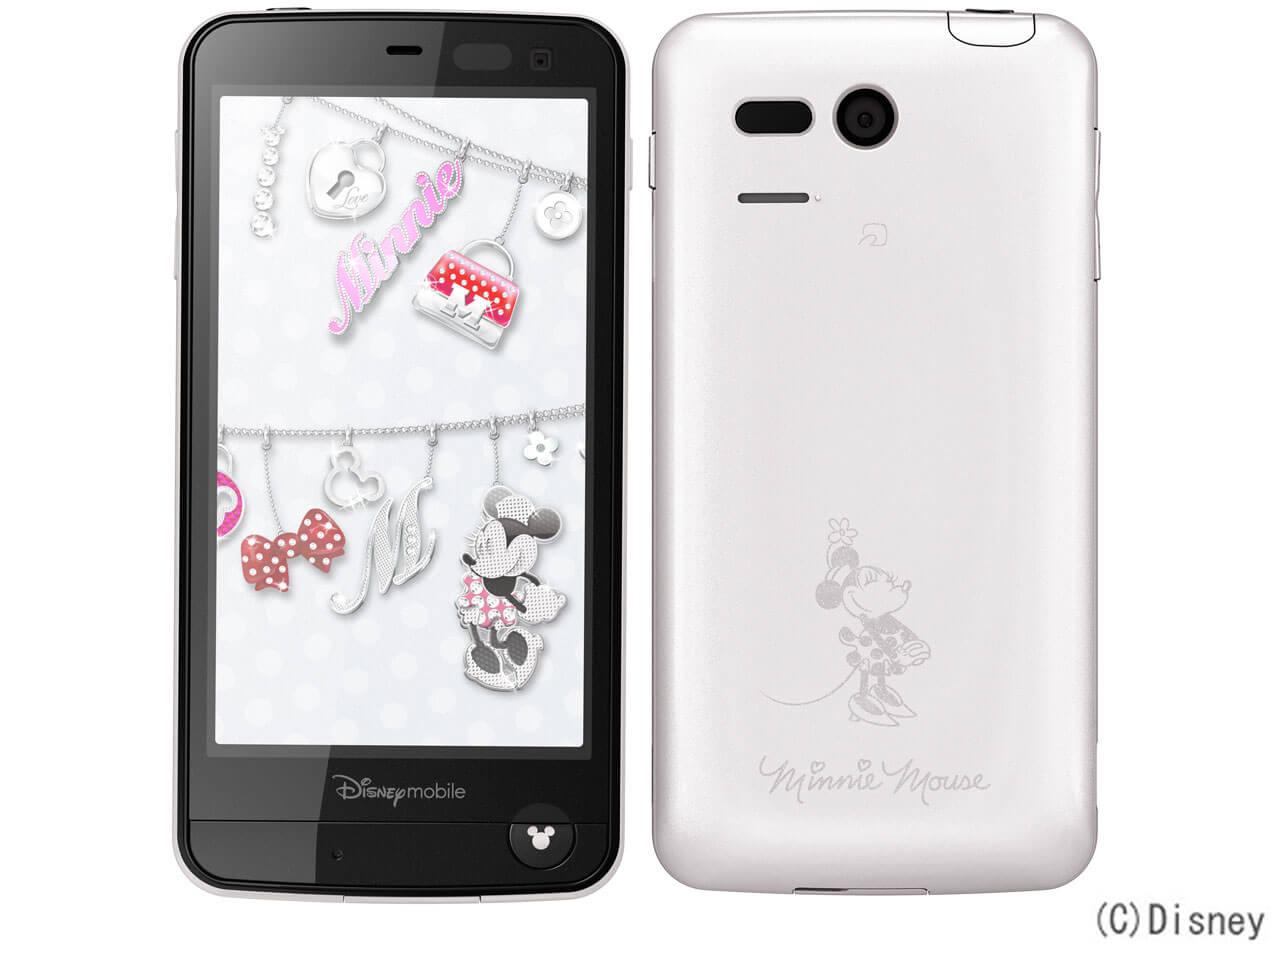 Disney Mobile SHARP Disney Mobile on SoftBank DM013SH